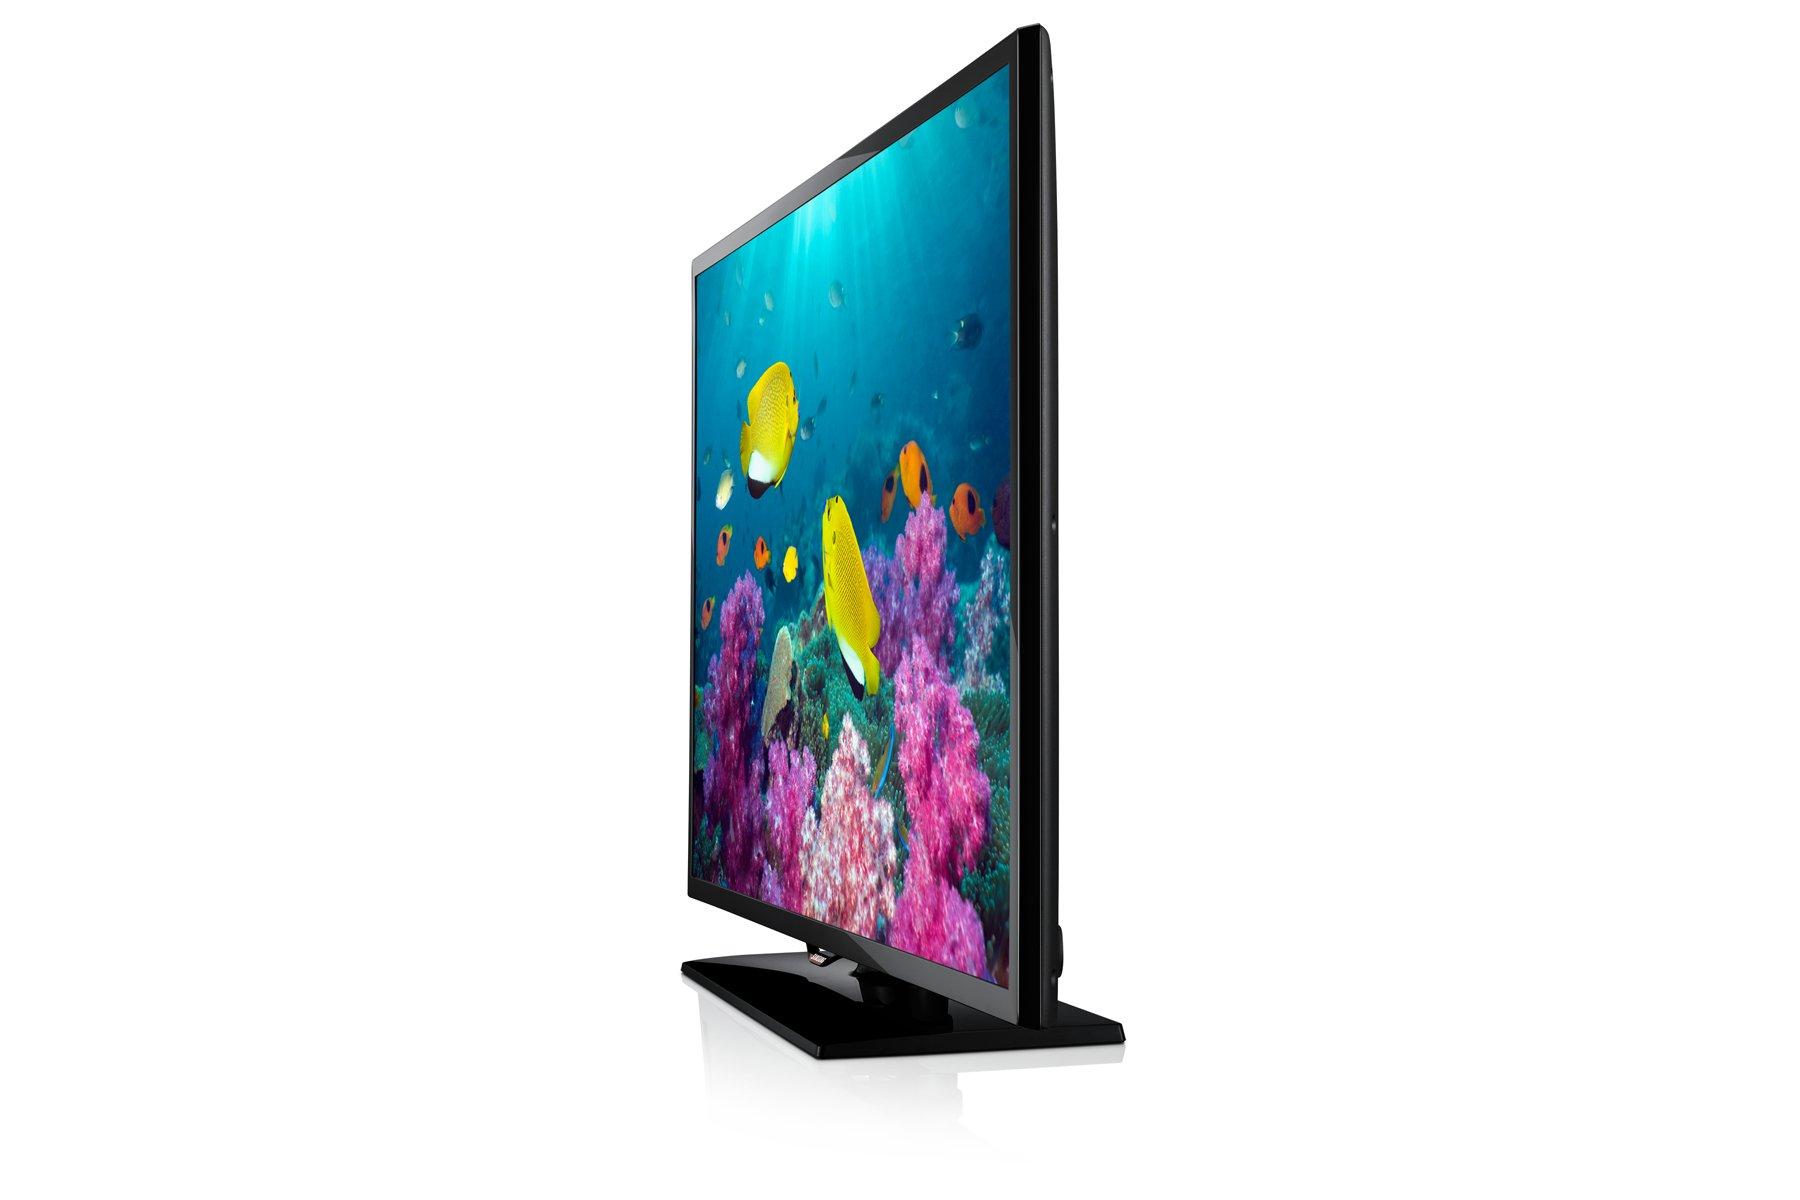 Samsung UE32F5000 - Televisor LED de 32